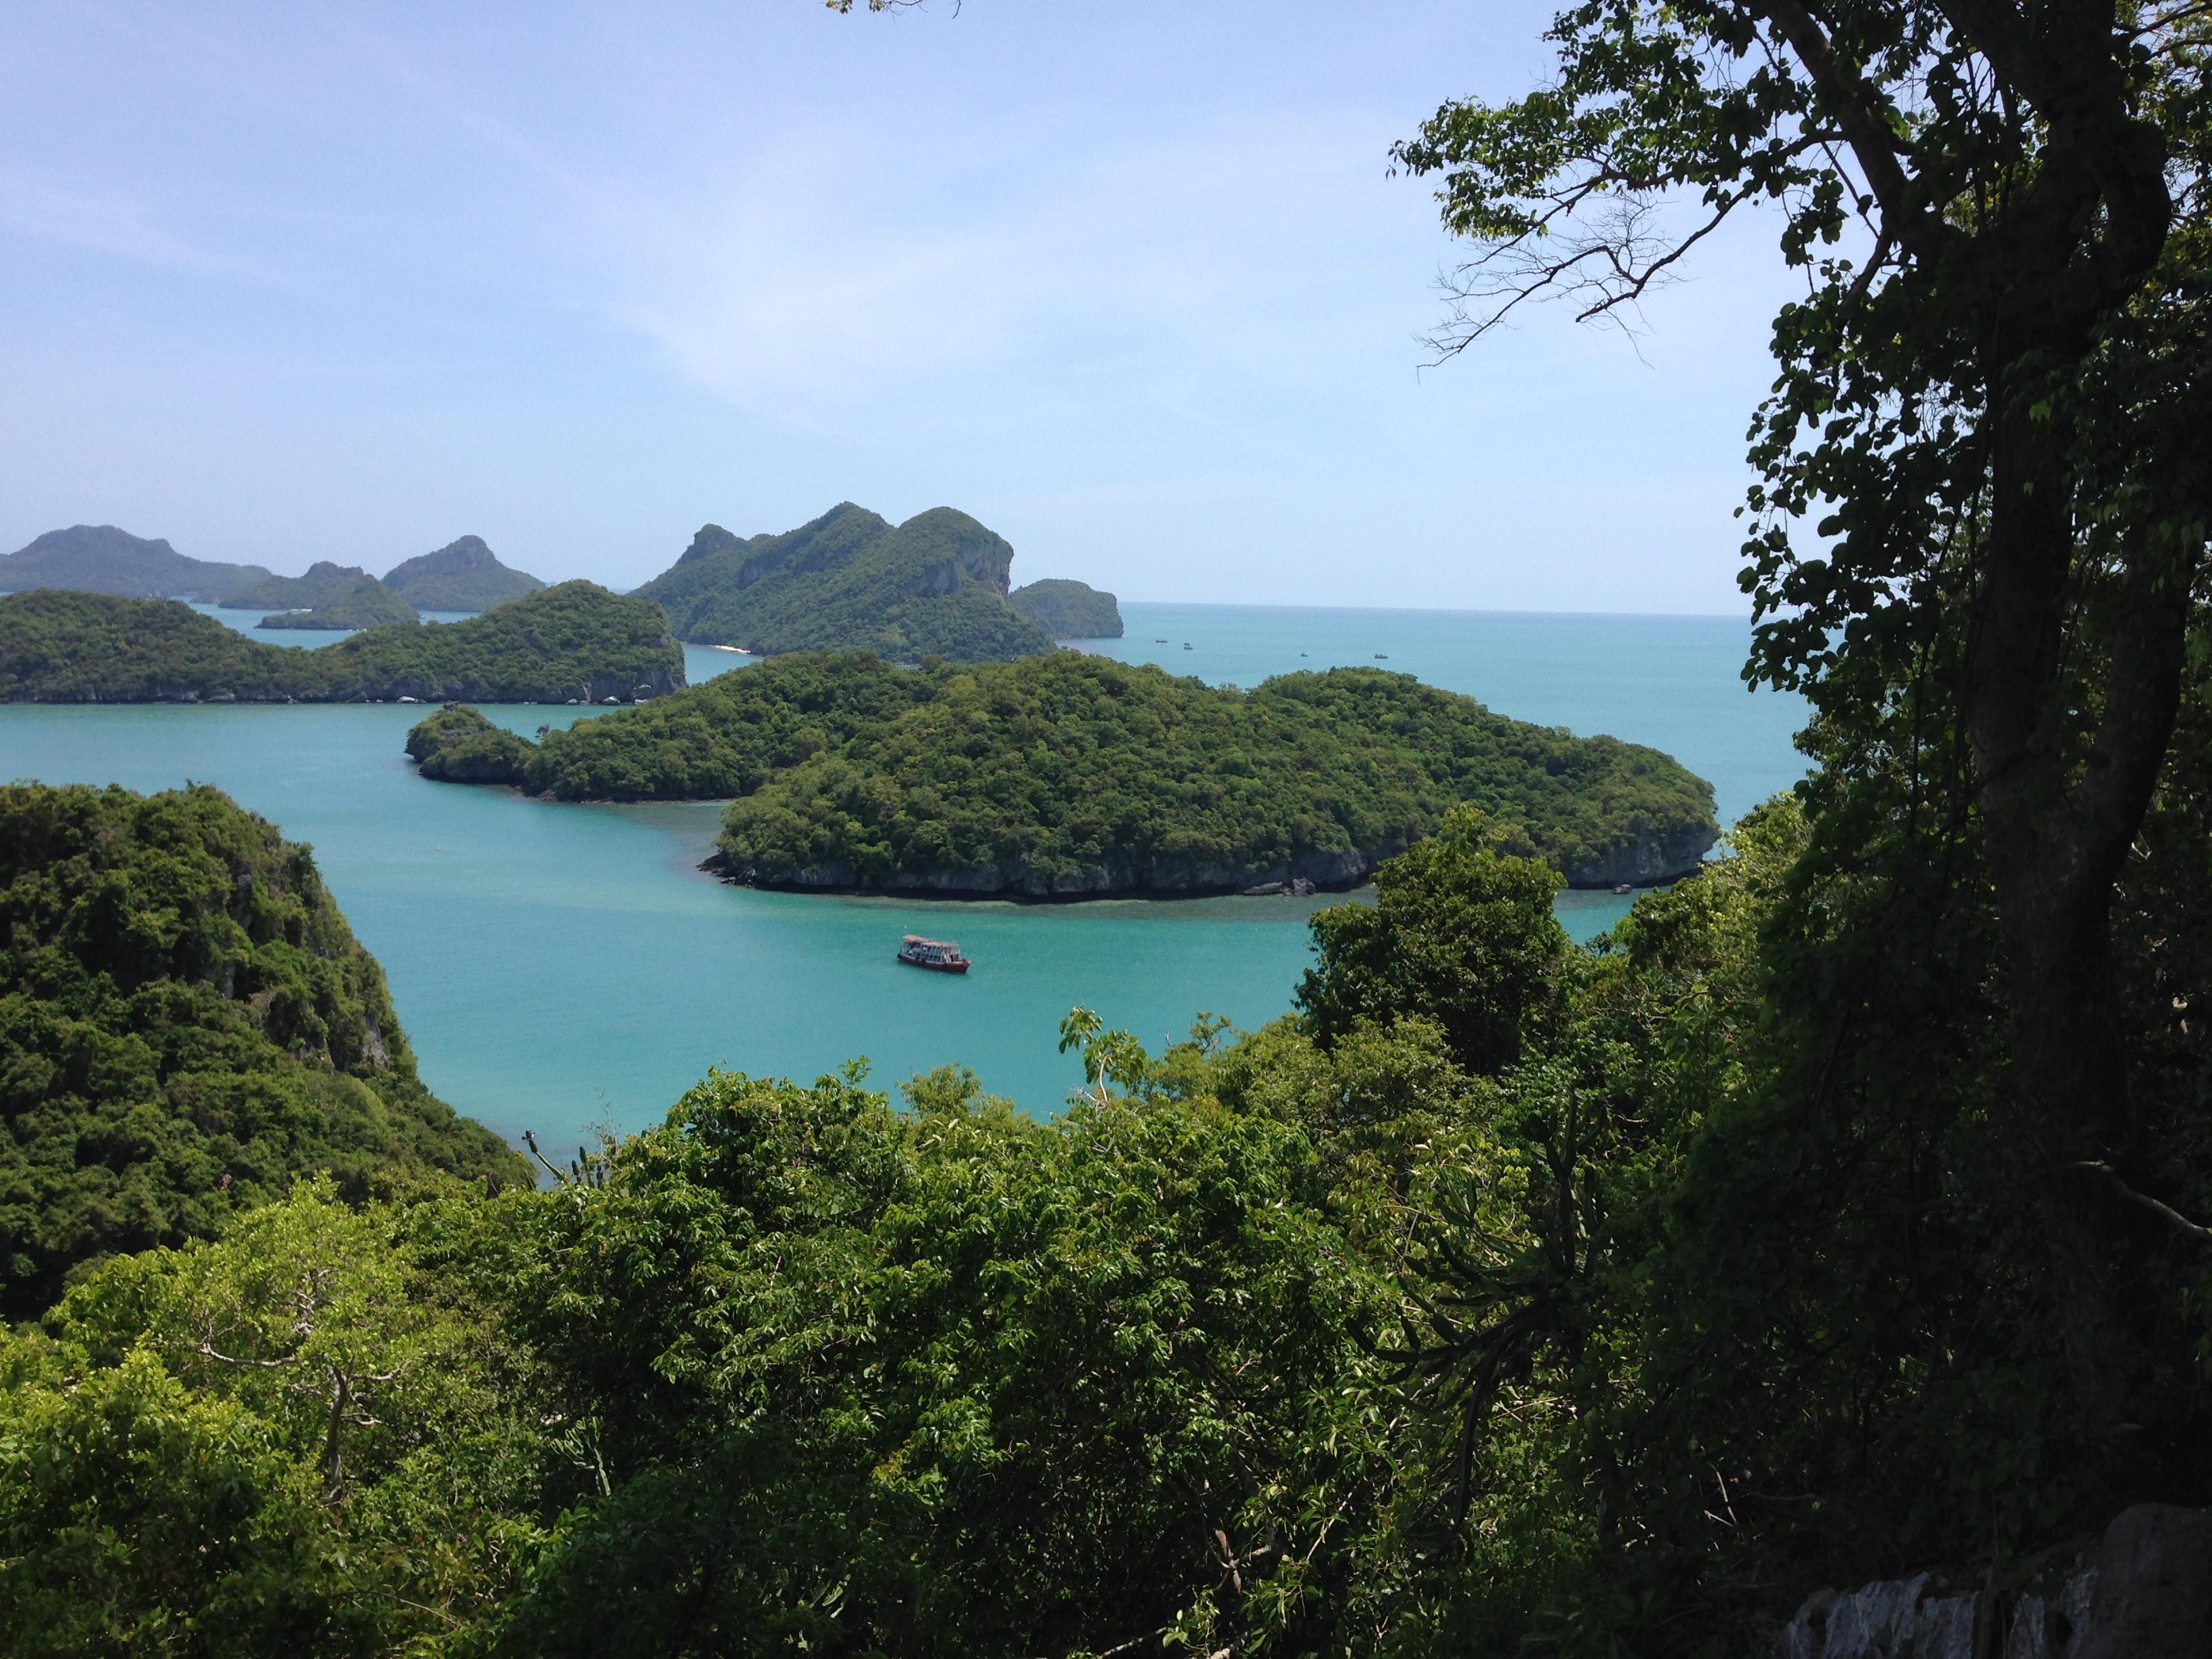 parco-marino-ang-thong-koh-samui